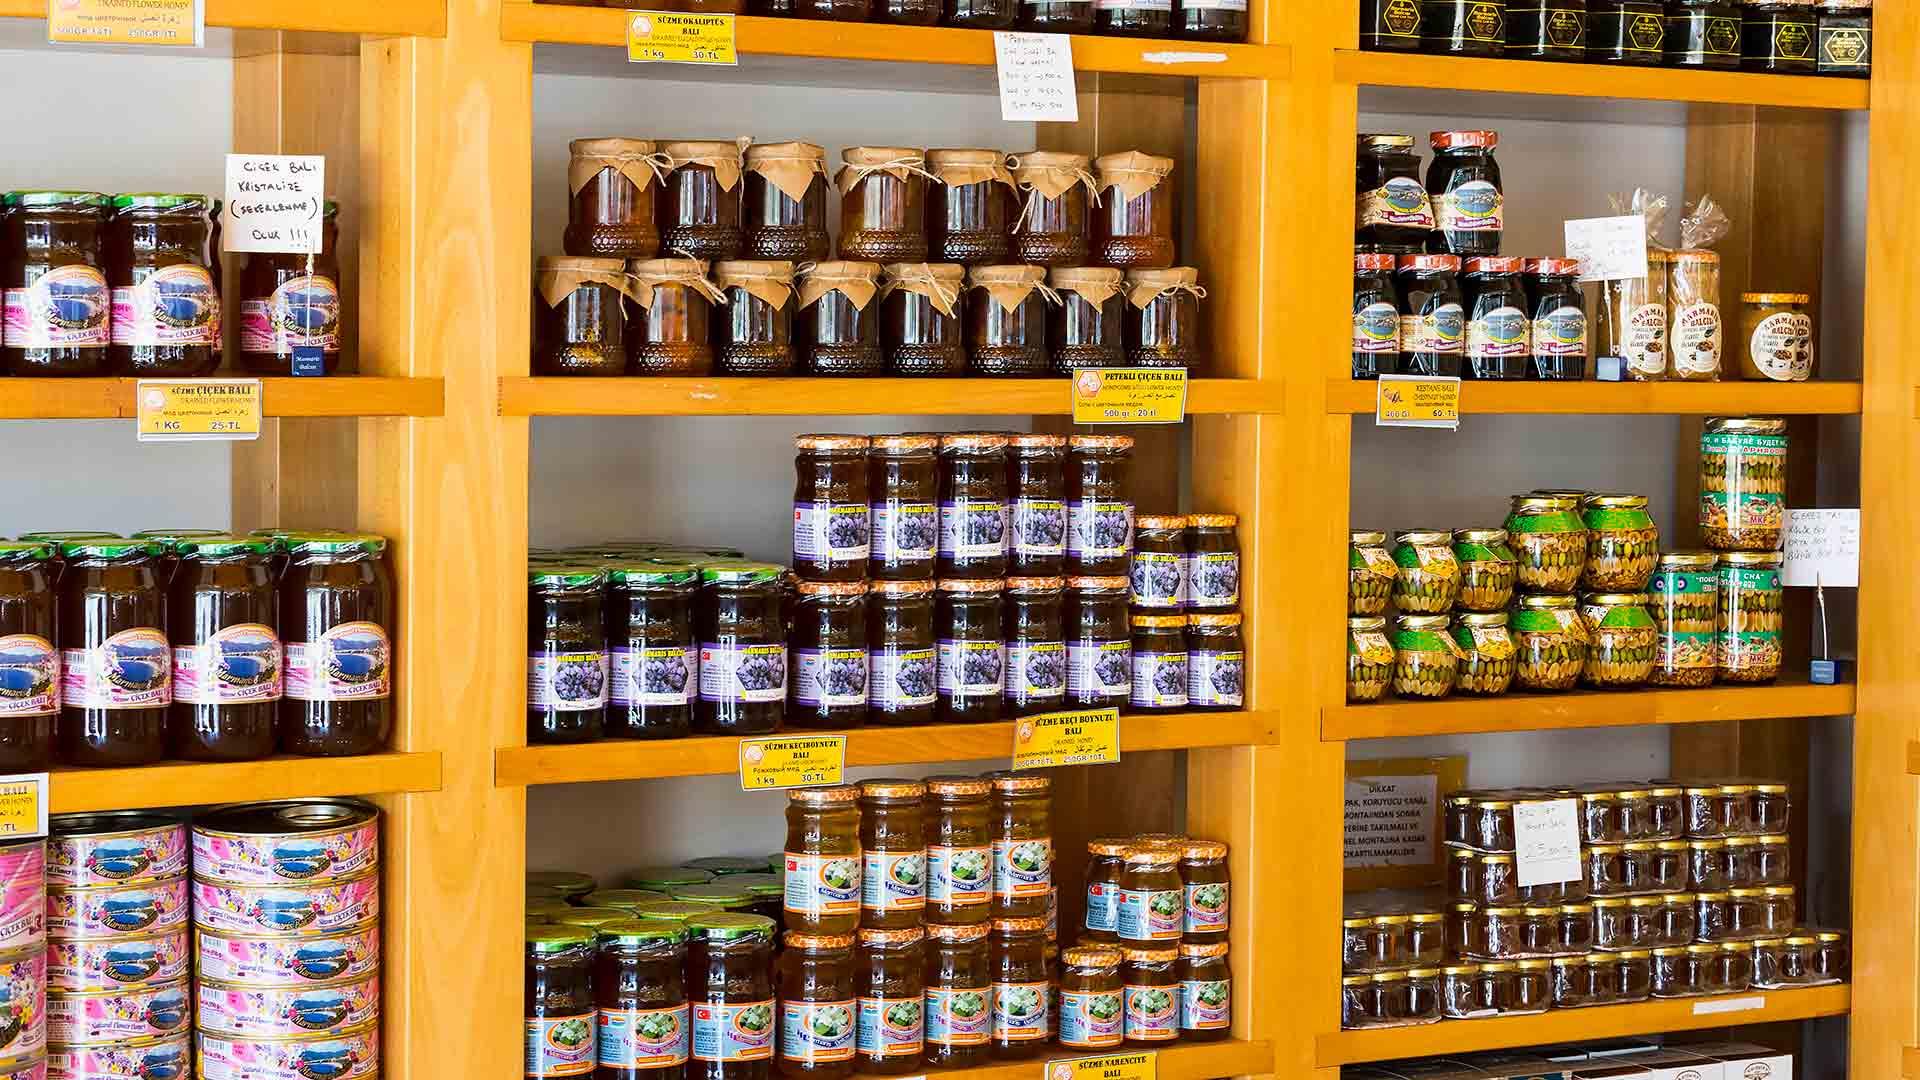 Динамика цен на мёд за последние 5 лет в Украине